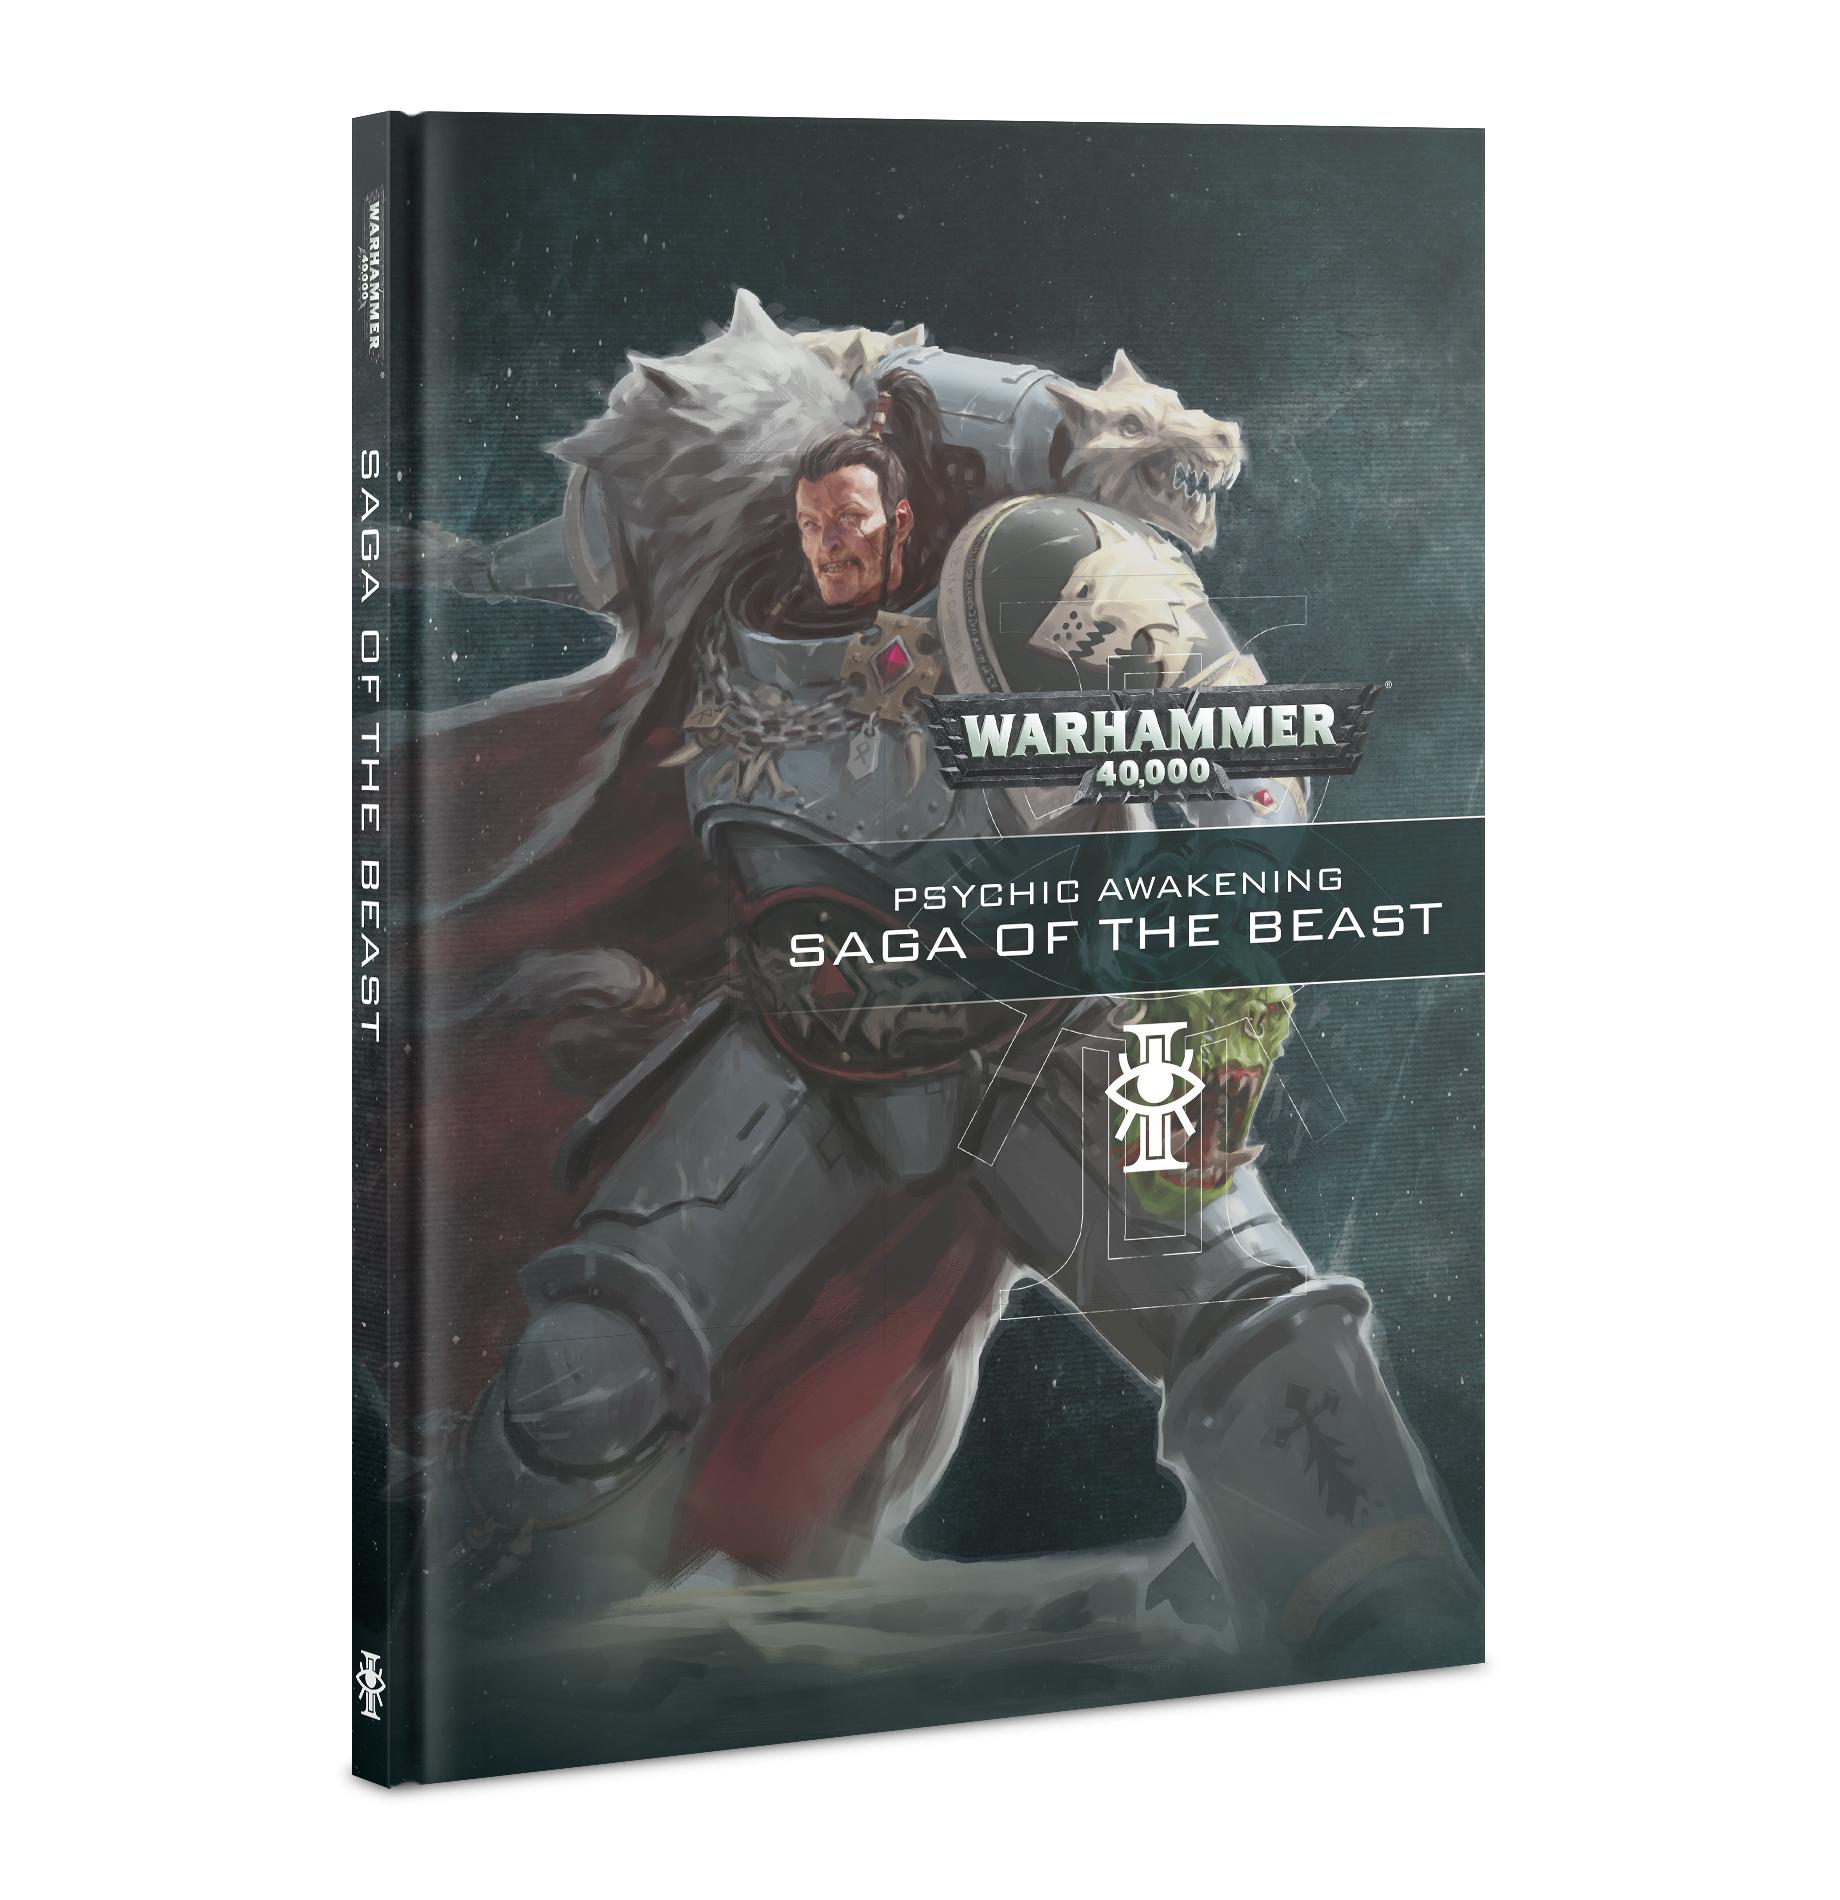 Saga of the Beast, Psychic Awakening